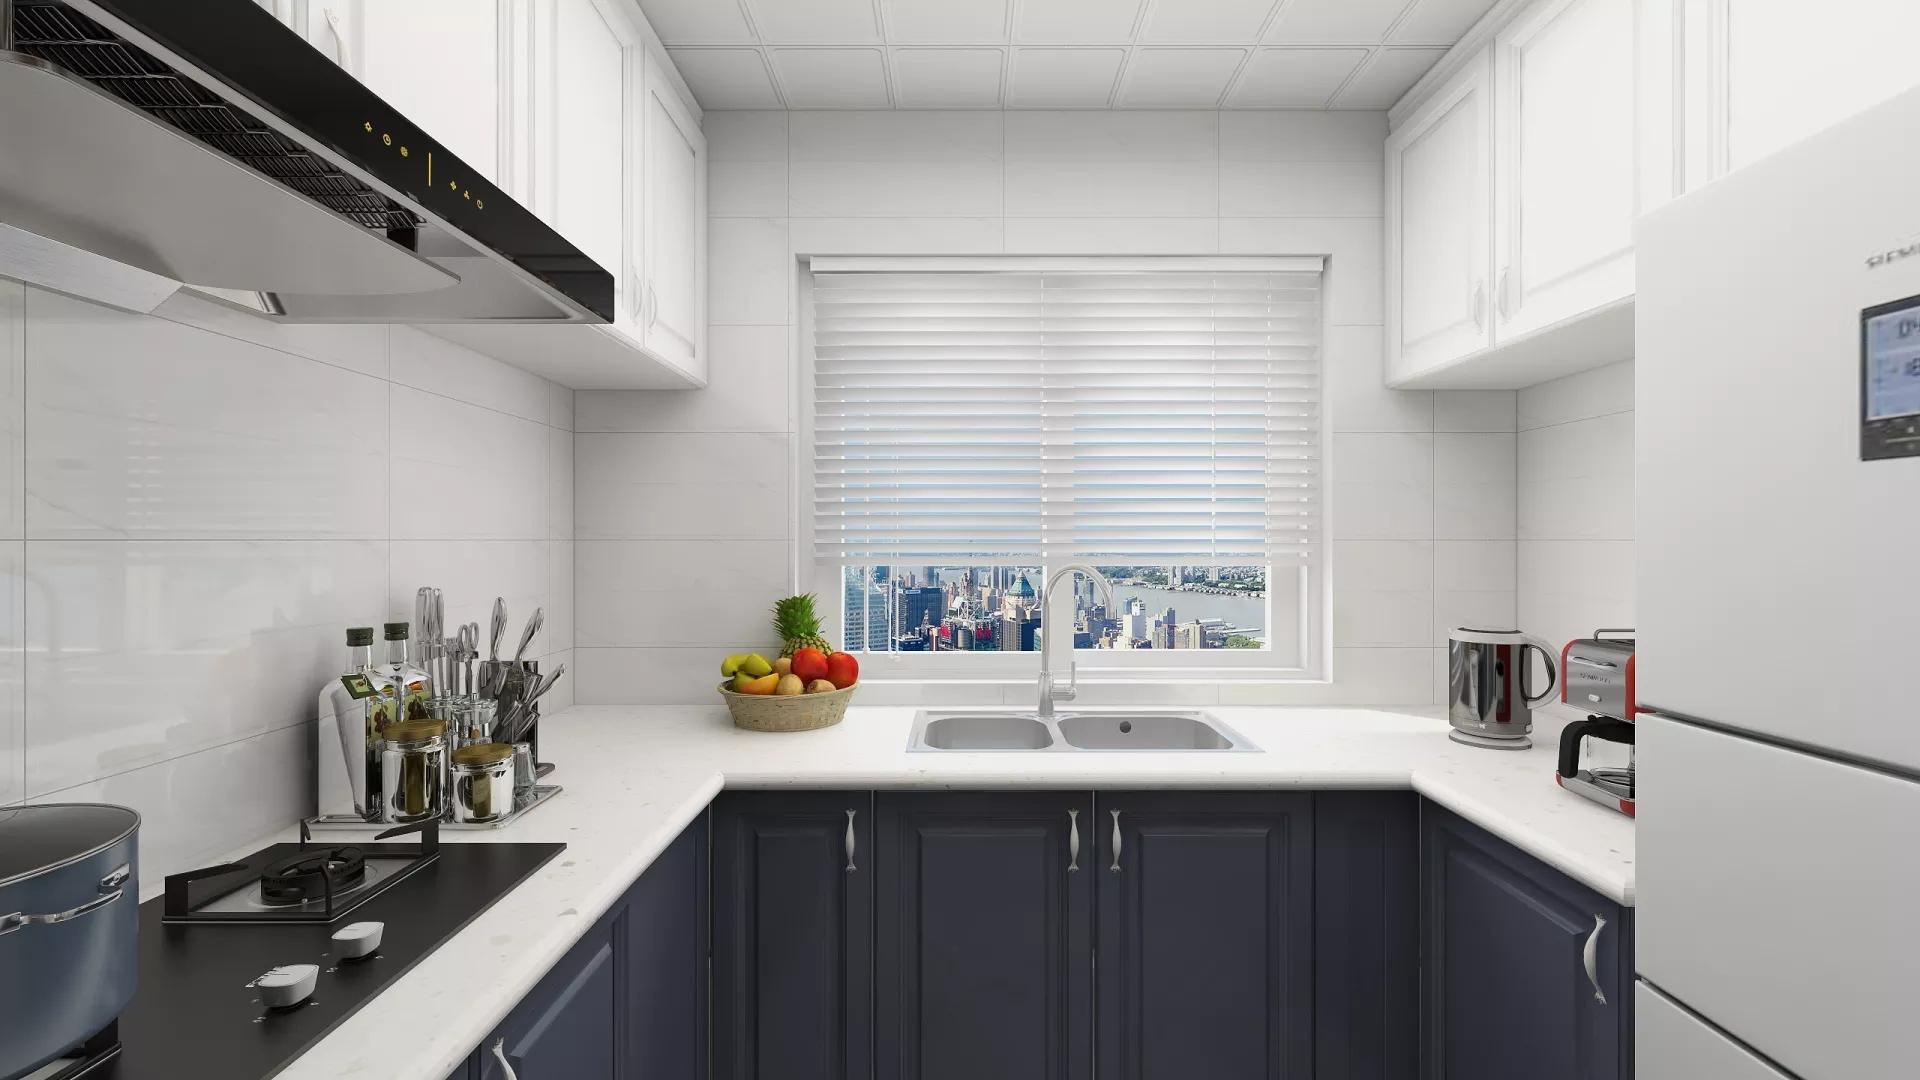 客廳有過梁應該怎么做?客廳過梁如何設計裝修?